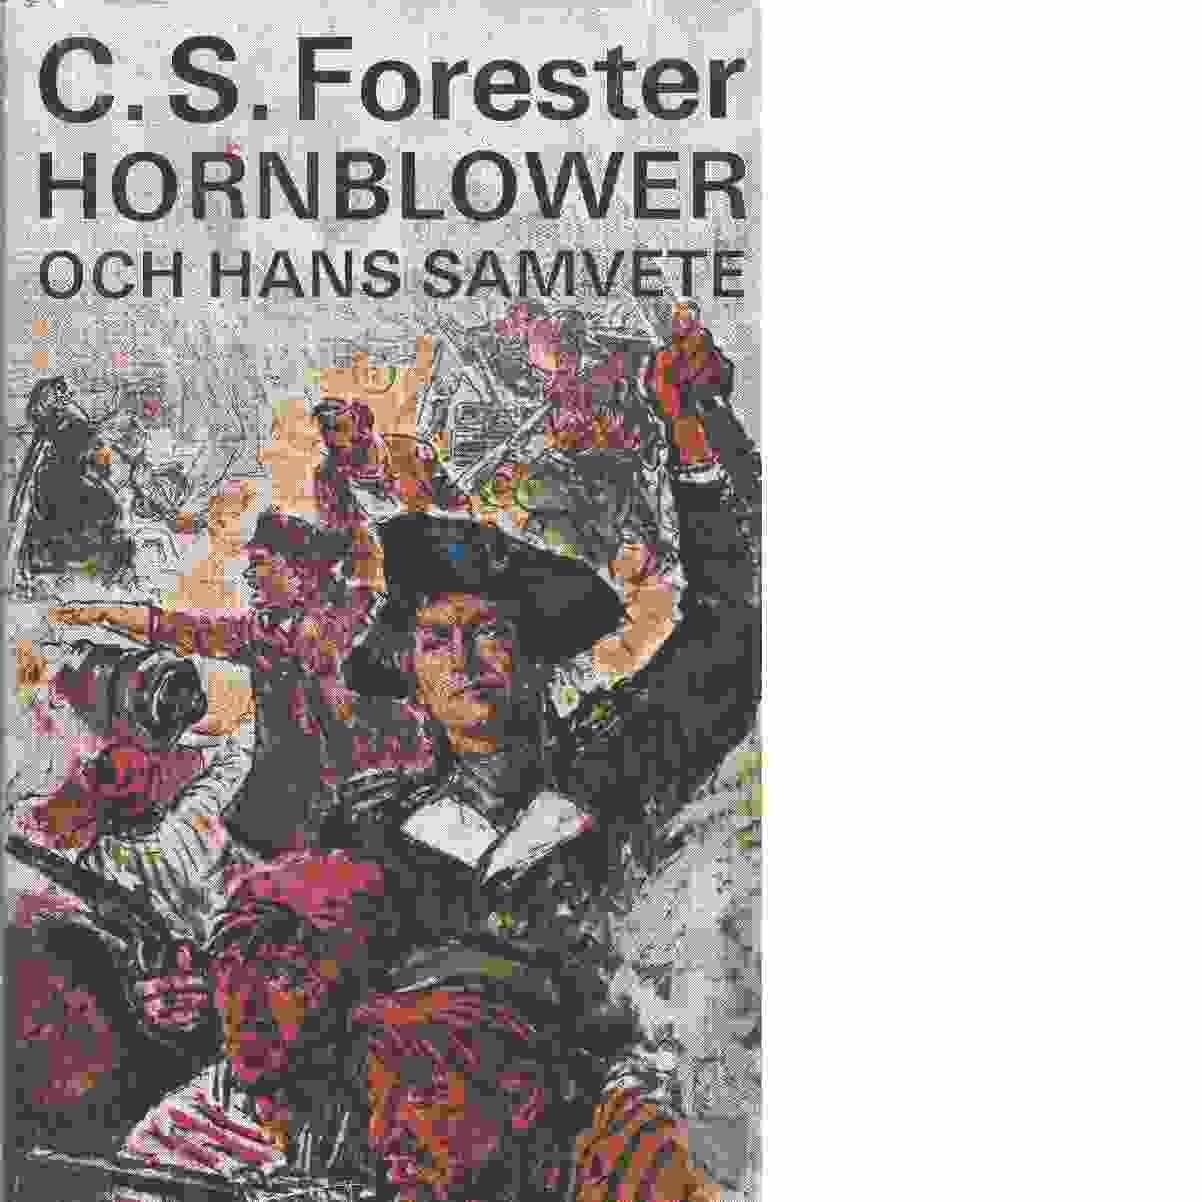 Hornblower och hans samvete - Forester, C. S